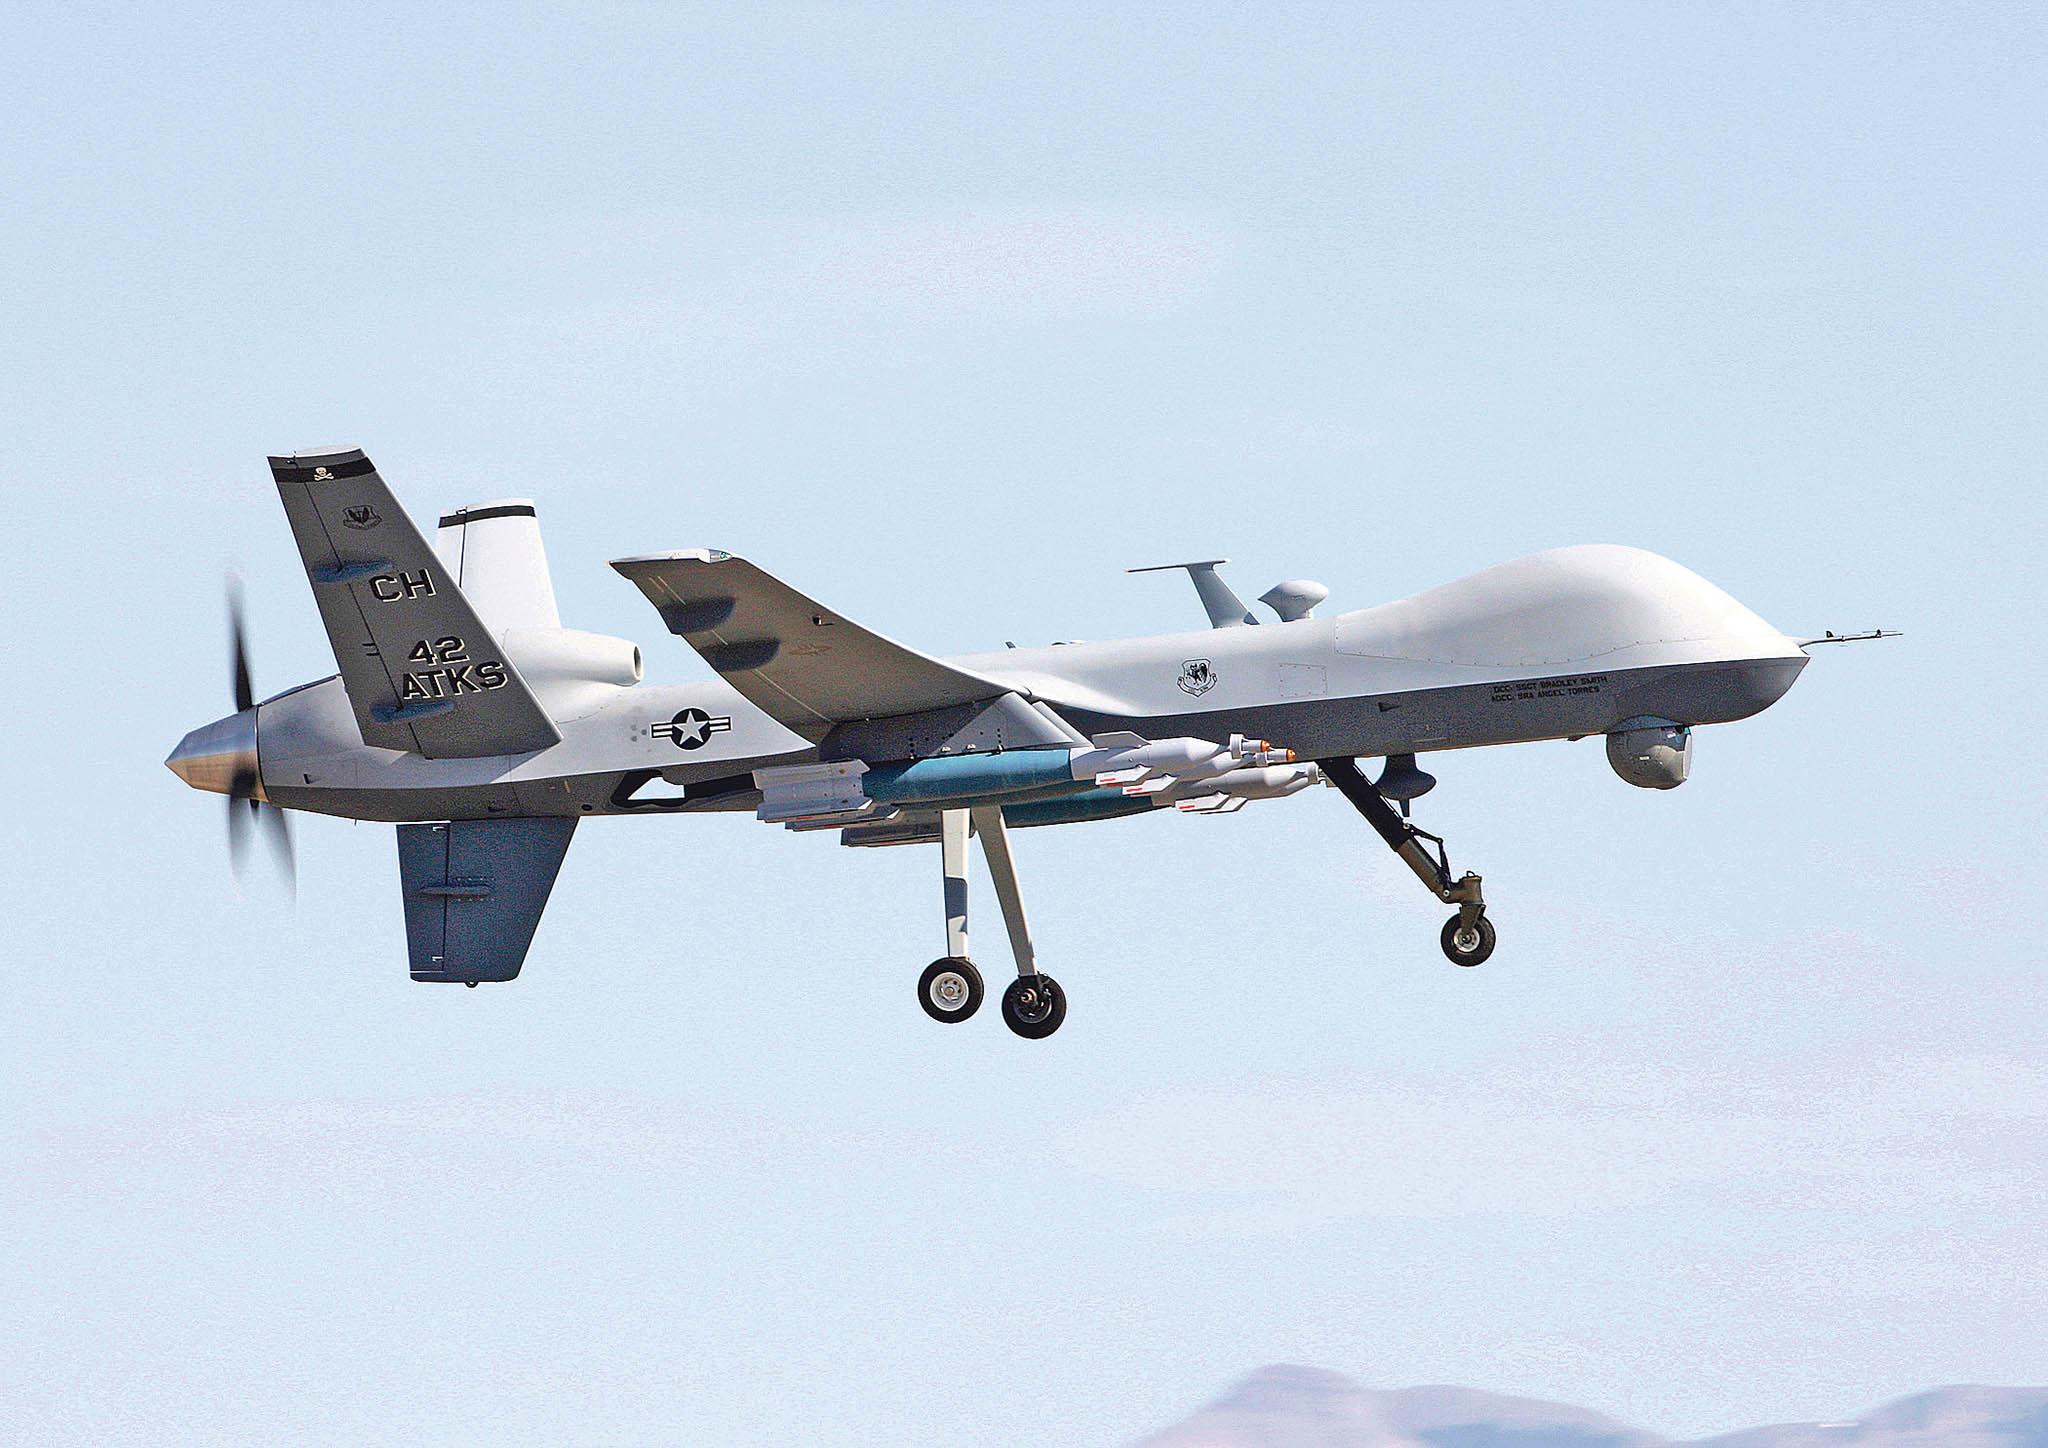 Bezpilotní letoun MQ-9 Reaper společnosti General Atomics je určený pro útoky napohyblivé cíle. Letos vlednu například zabil generála Kásema Solejmáního, velitele jednotek Kuds íránských revolučních gard.